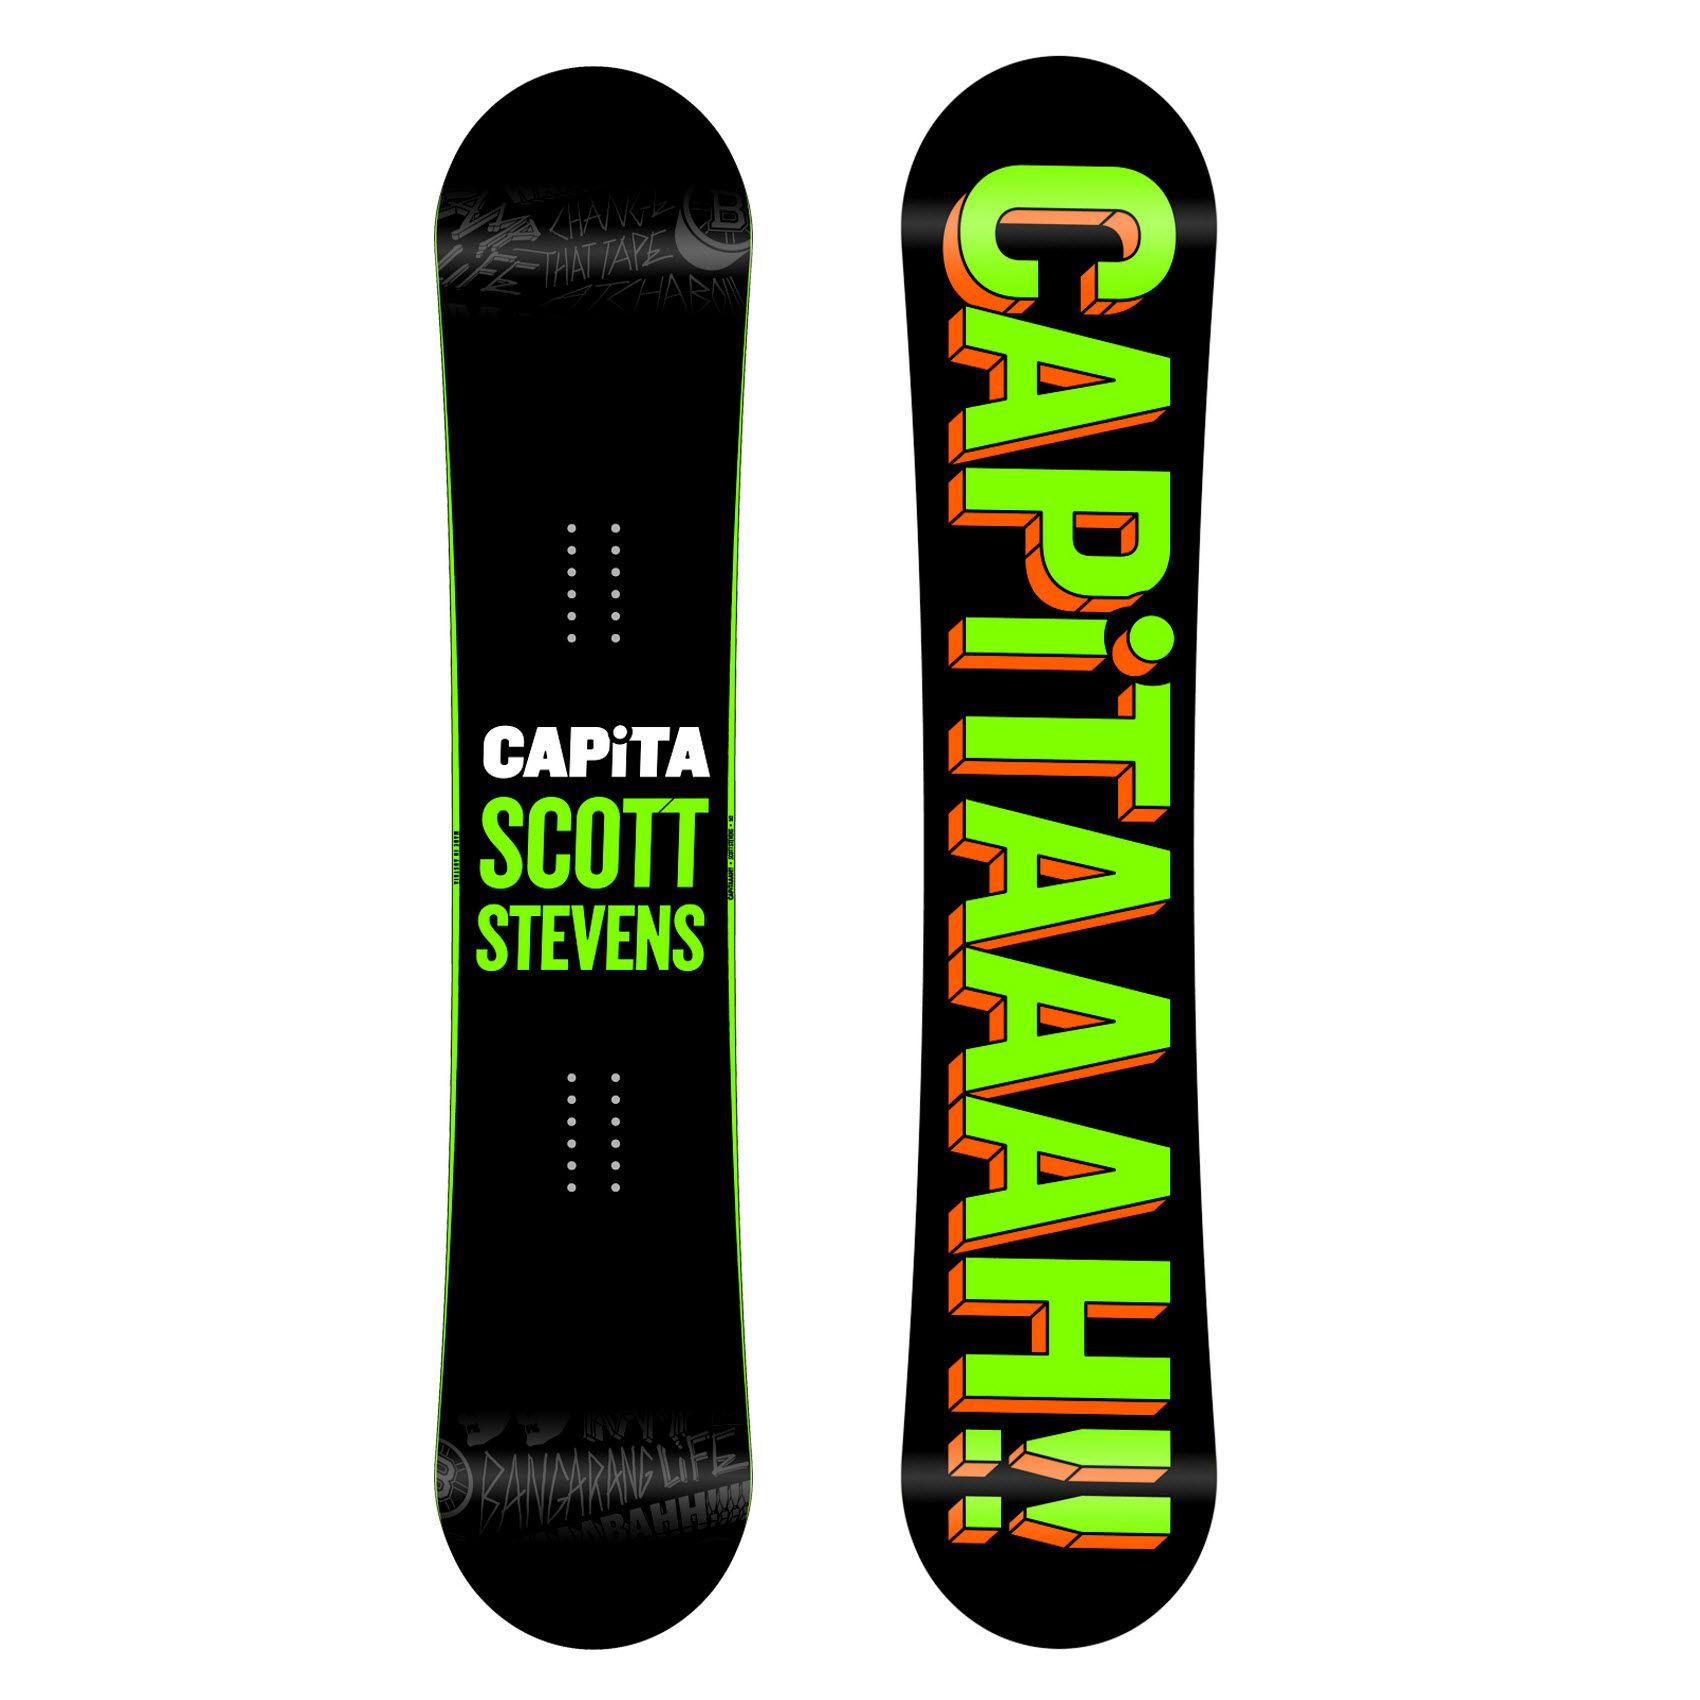 Scott Stevens Signature Board For 2015 Capita Scott Stevens Pro Mens Snowboard 2015 Mens New Stuff The Board Basement Snowboarding Capita Snowboard